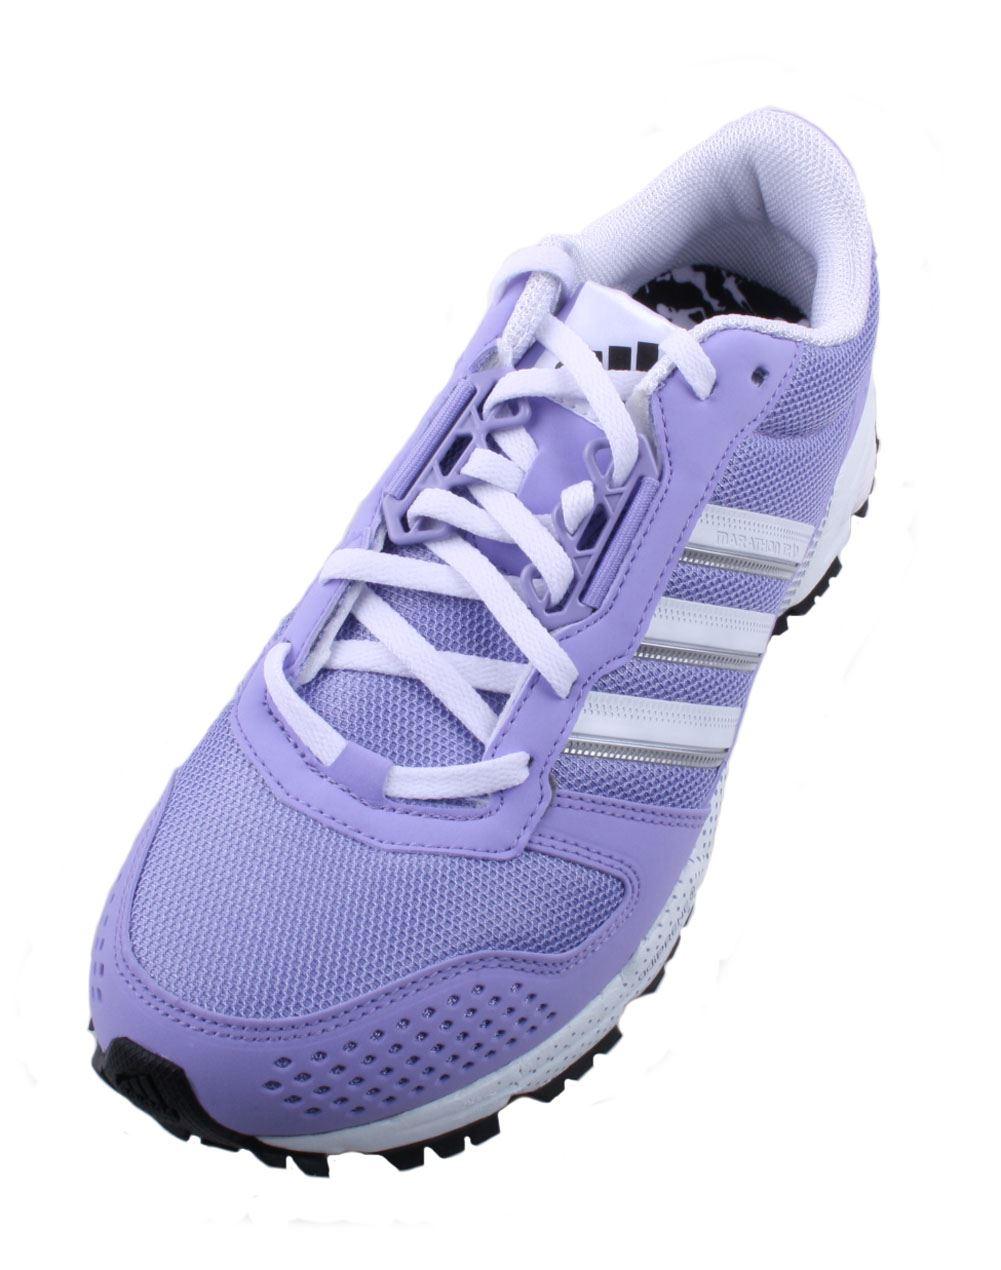 adidas marathon 10 tr womens purple white black athletic